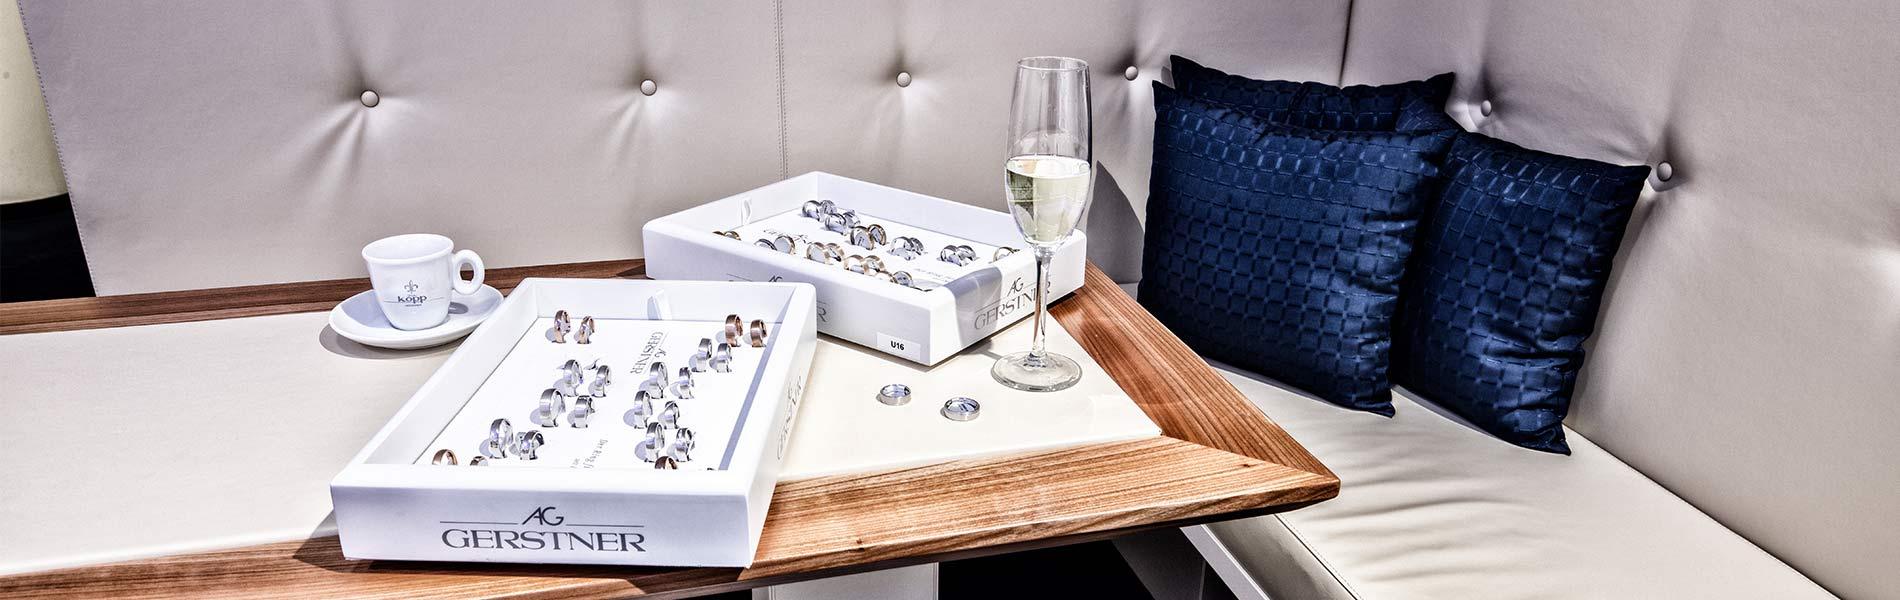 Sitzecke mit blauen Kissen Sektgläsern und Trauringen in der Trauringlounge des Juwelier Kopp